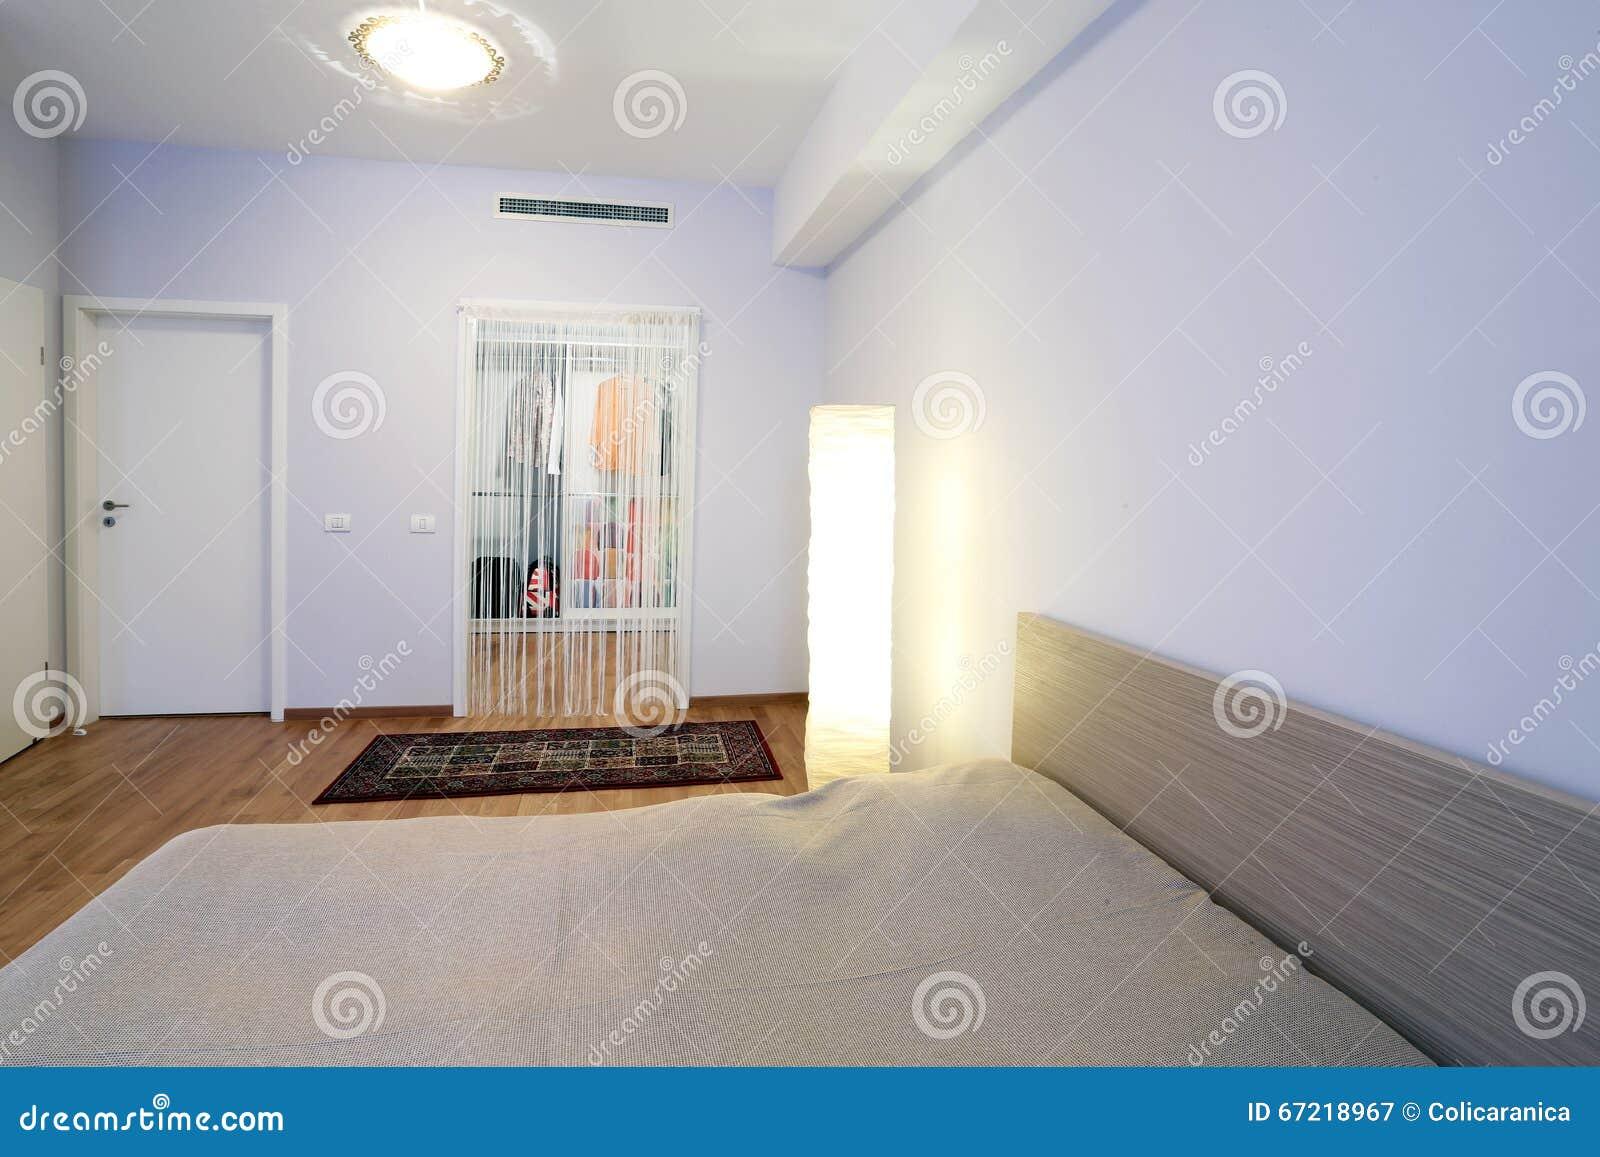 Kleedkamer In Slaapkamer : Slaapkamer met kleedkamer stock afbeelding. afbeelding bestaande uit